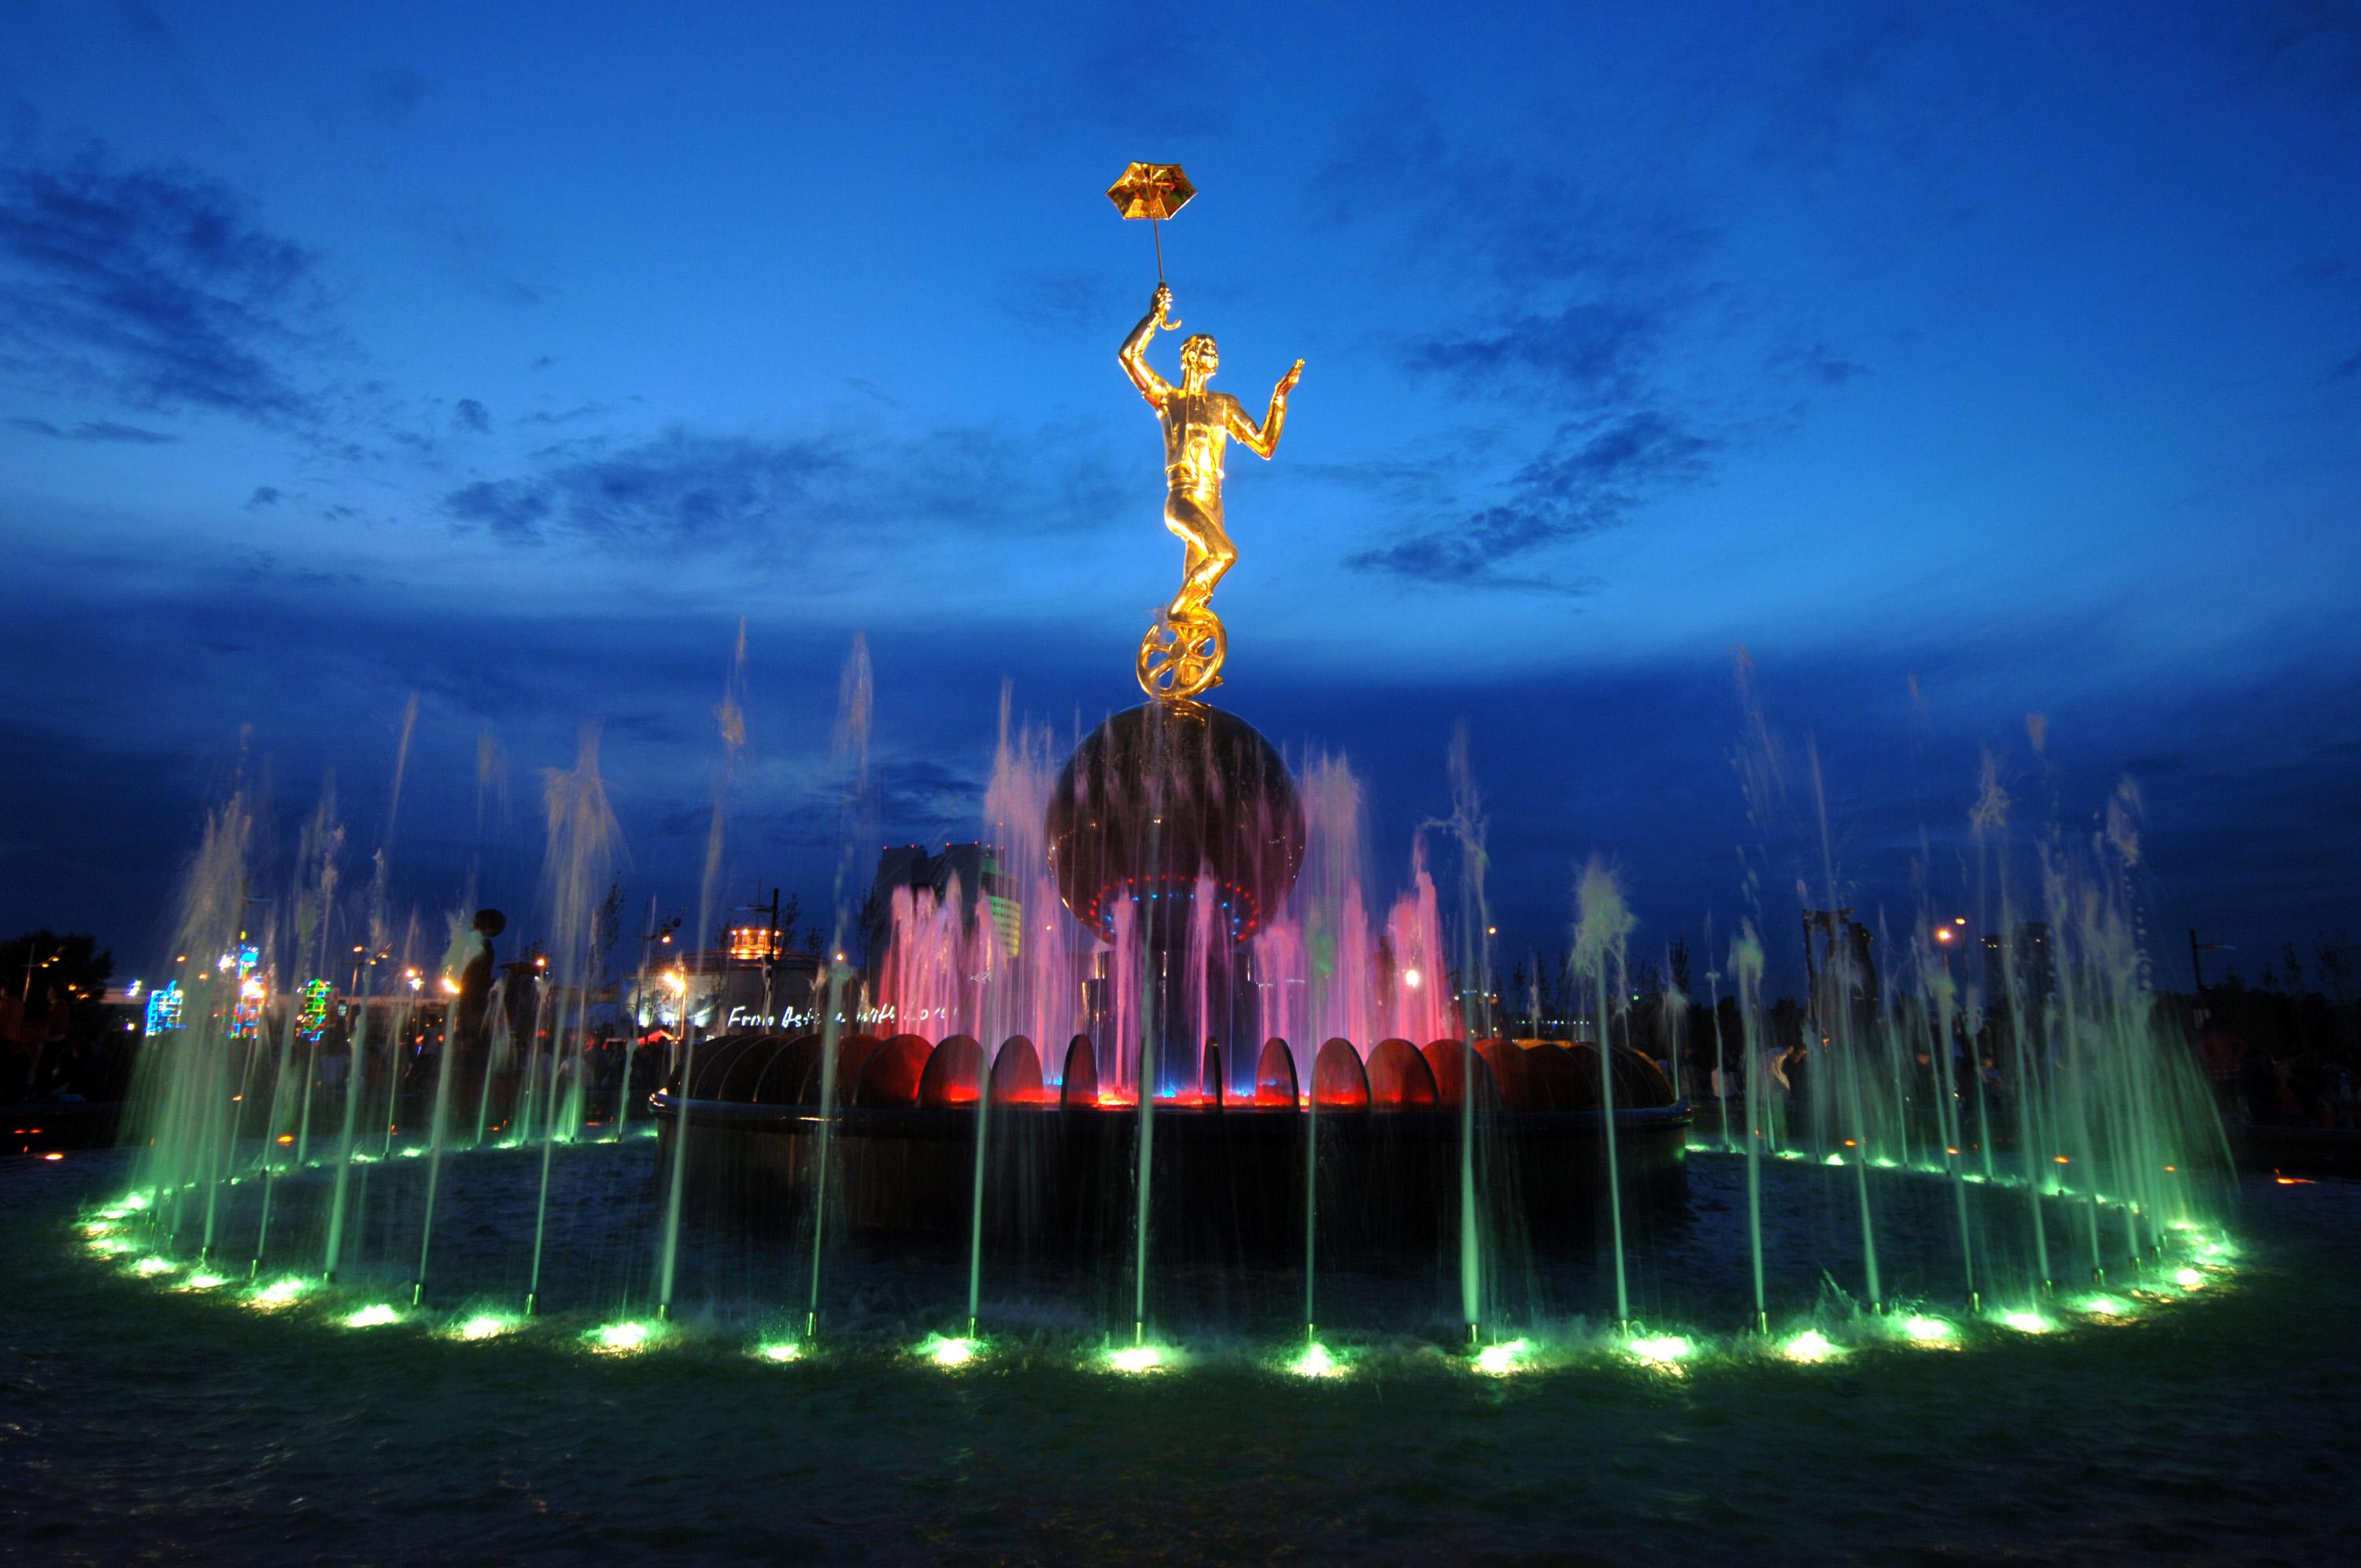 Названы самые романтичные города СНГ: Астана вошла в пятерку